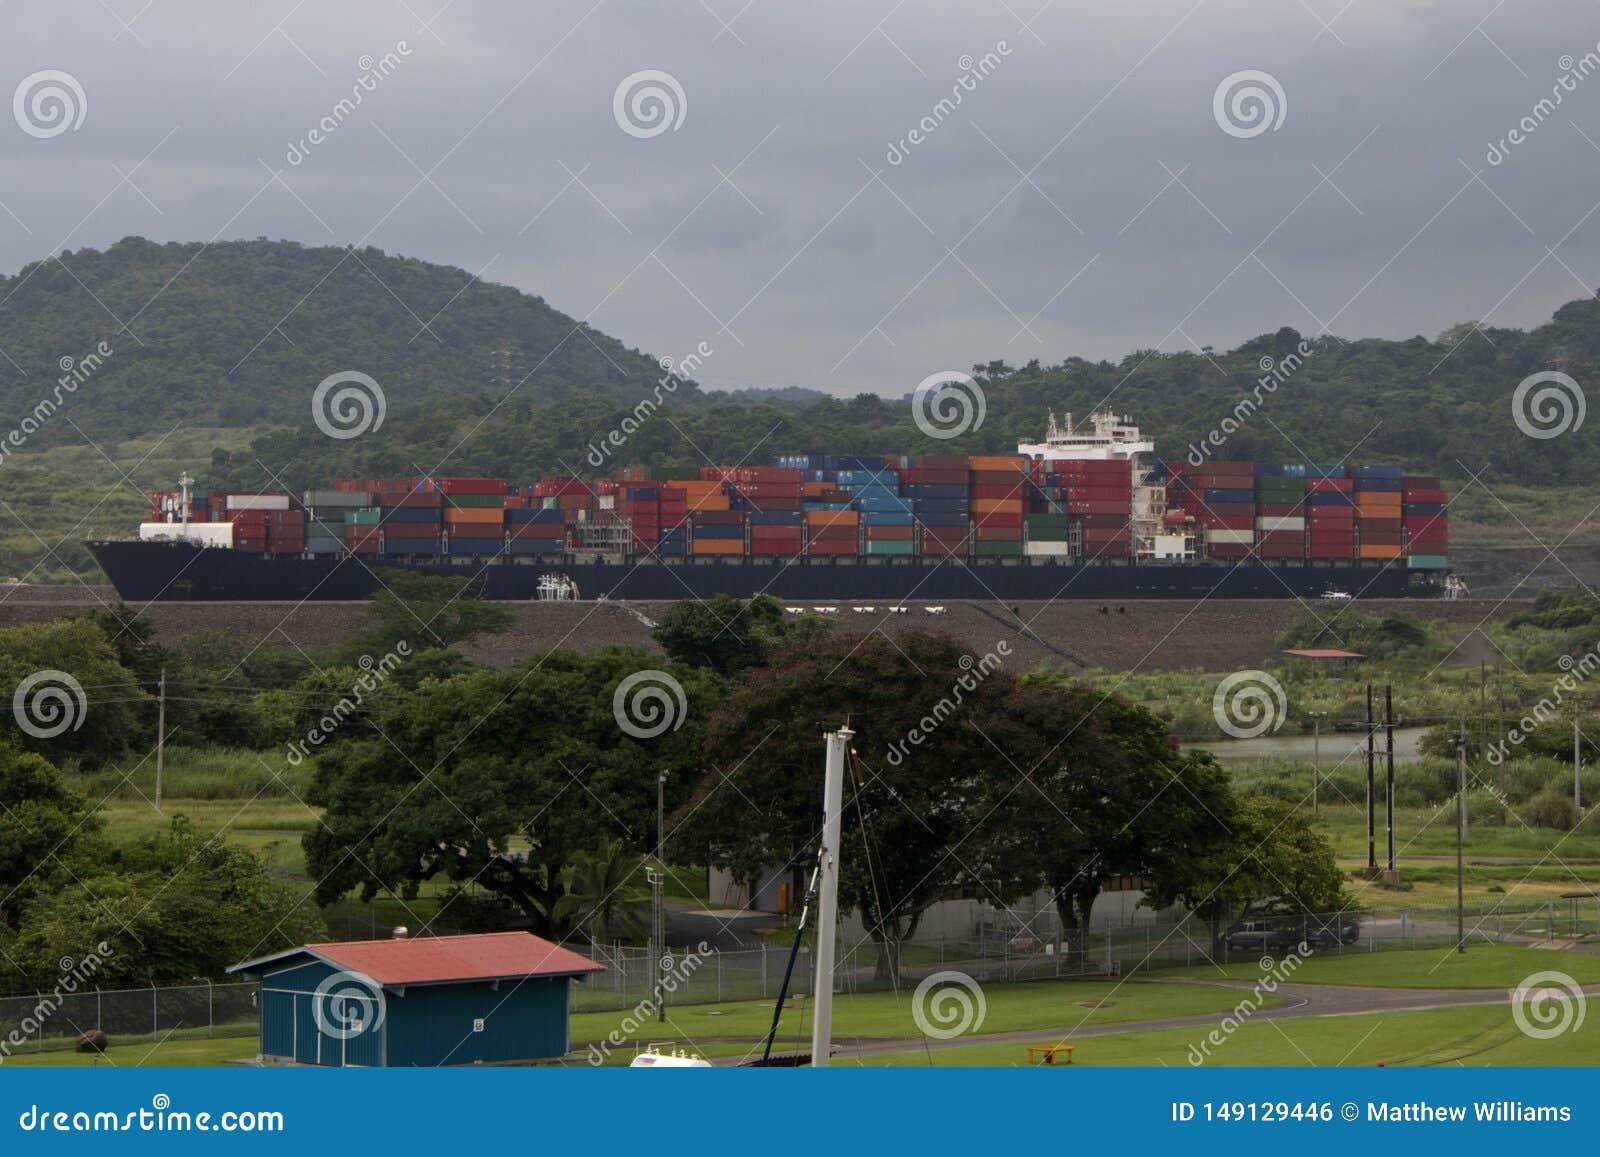 Passages de cargaison par le canal de Panama sur un navire porte-conteneurs massif